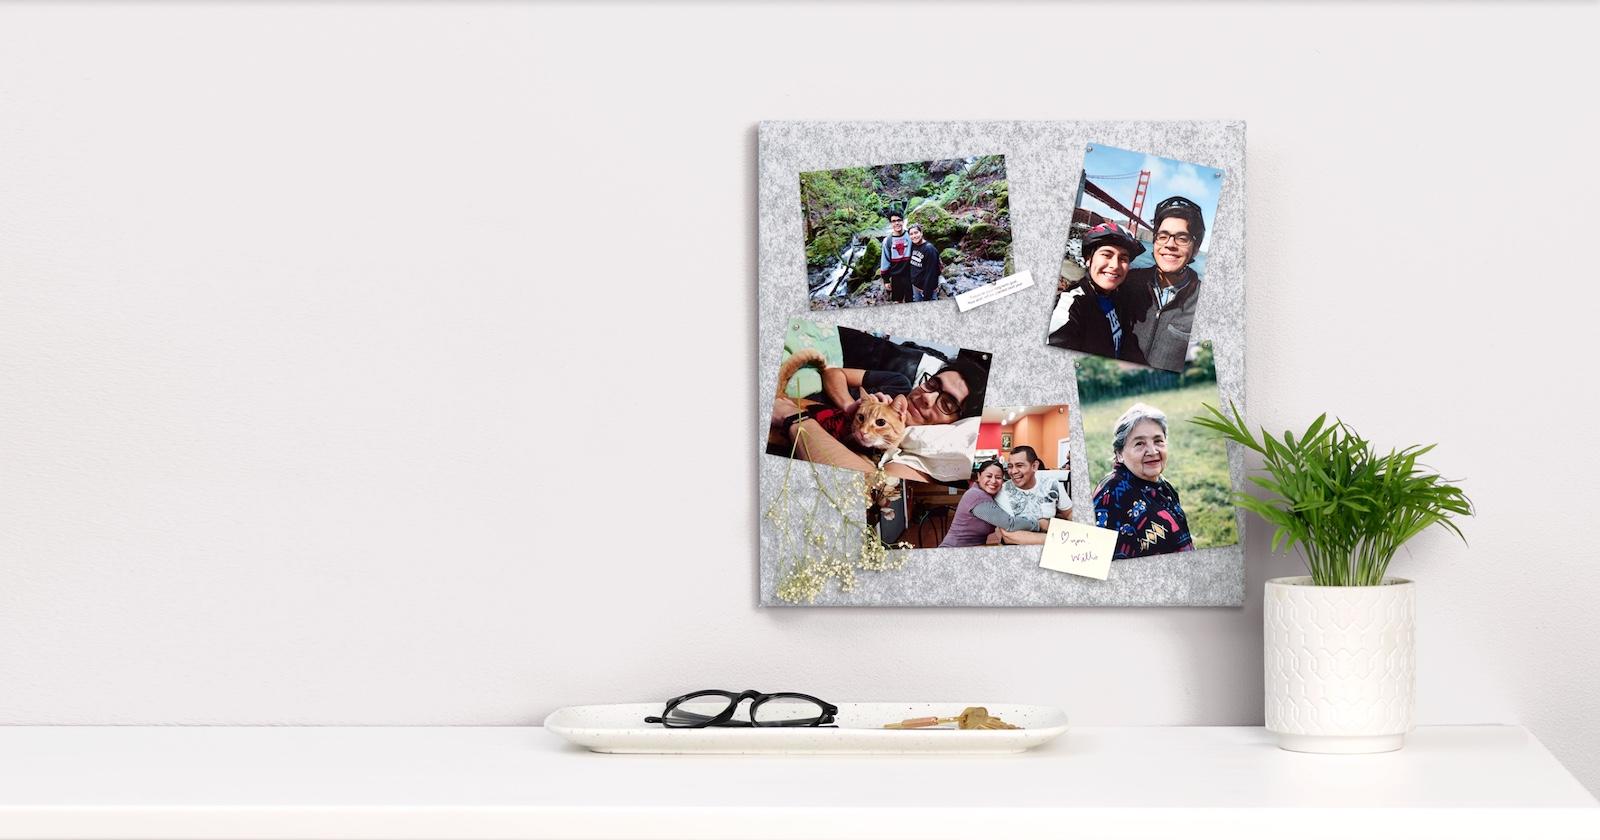 Servicio de suscripción automática a Google Testing 'Monthly Photo Prints'.